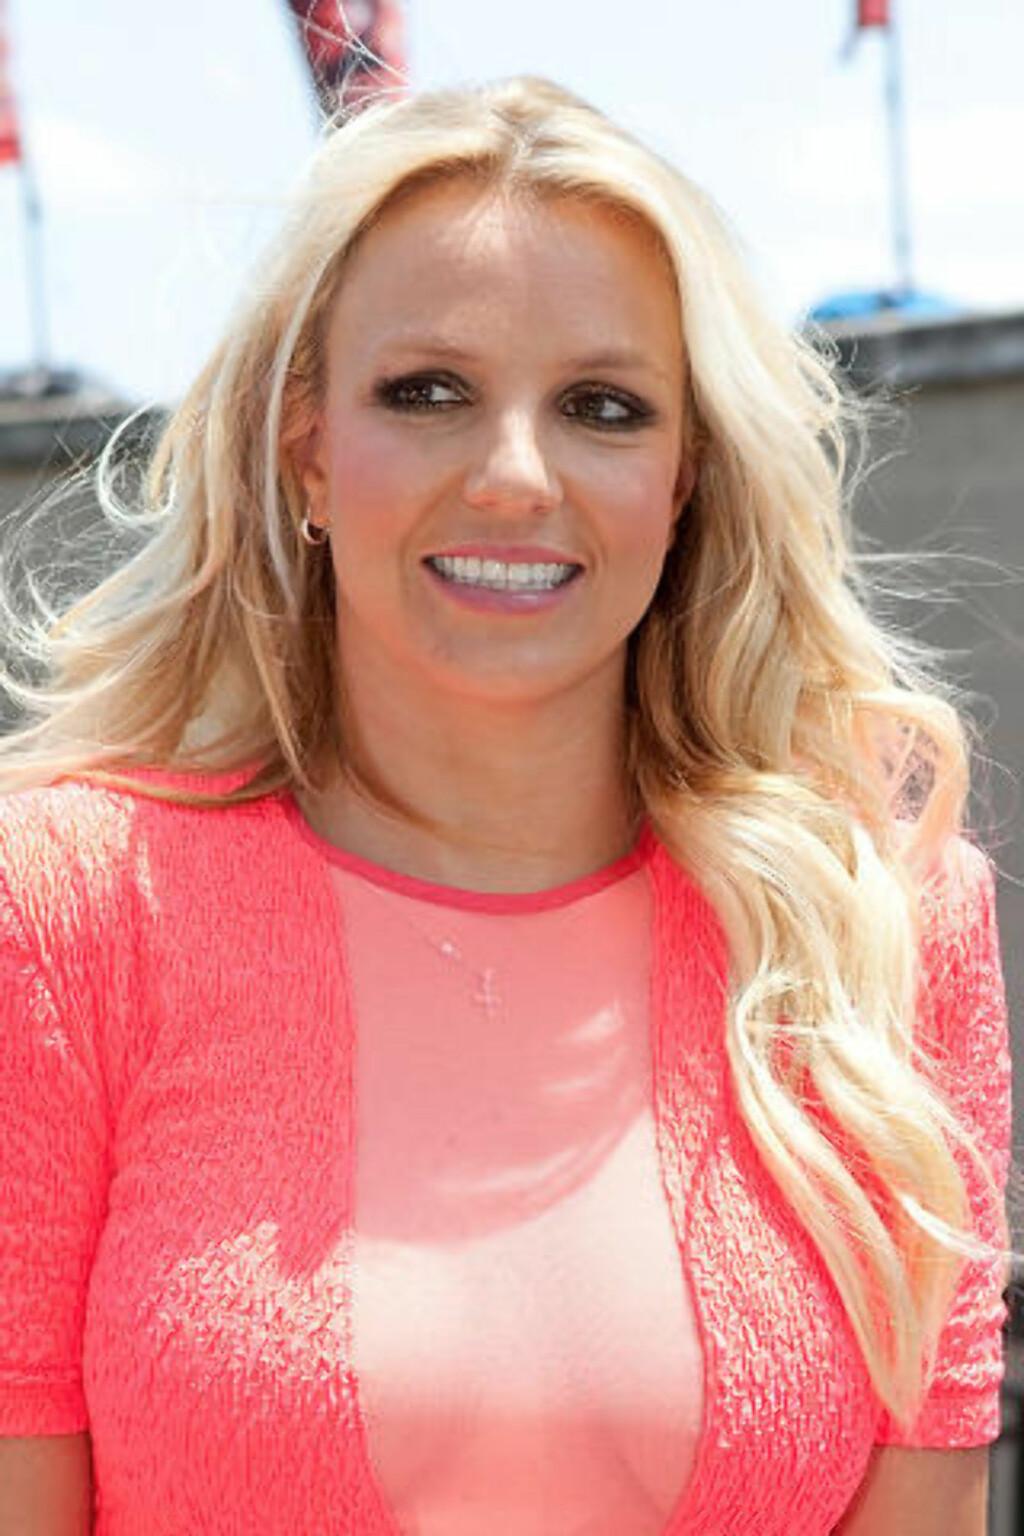 SAMARBEIDET MED WROLDSEN: Ina Wroldsen skrev én av låtene som er å finne på Britney Spears nyeste album. I sommer ble den norske låtskriveren kalt til Los Angeles for å fortsette samarbeidet med pop-prinsessa. Foto: Rick Kern / Getty Images / AFP / NTB scanpix